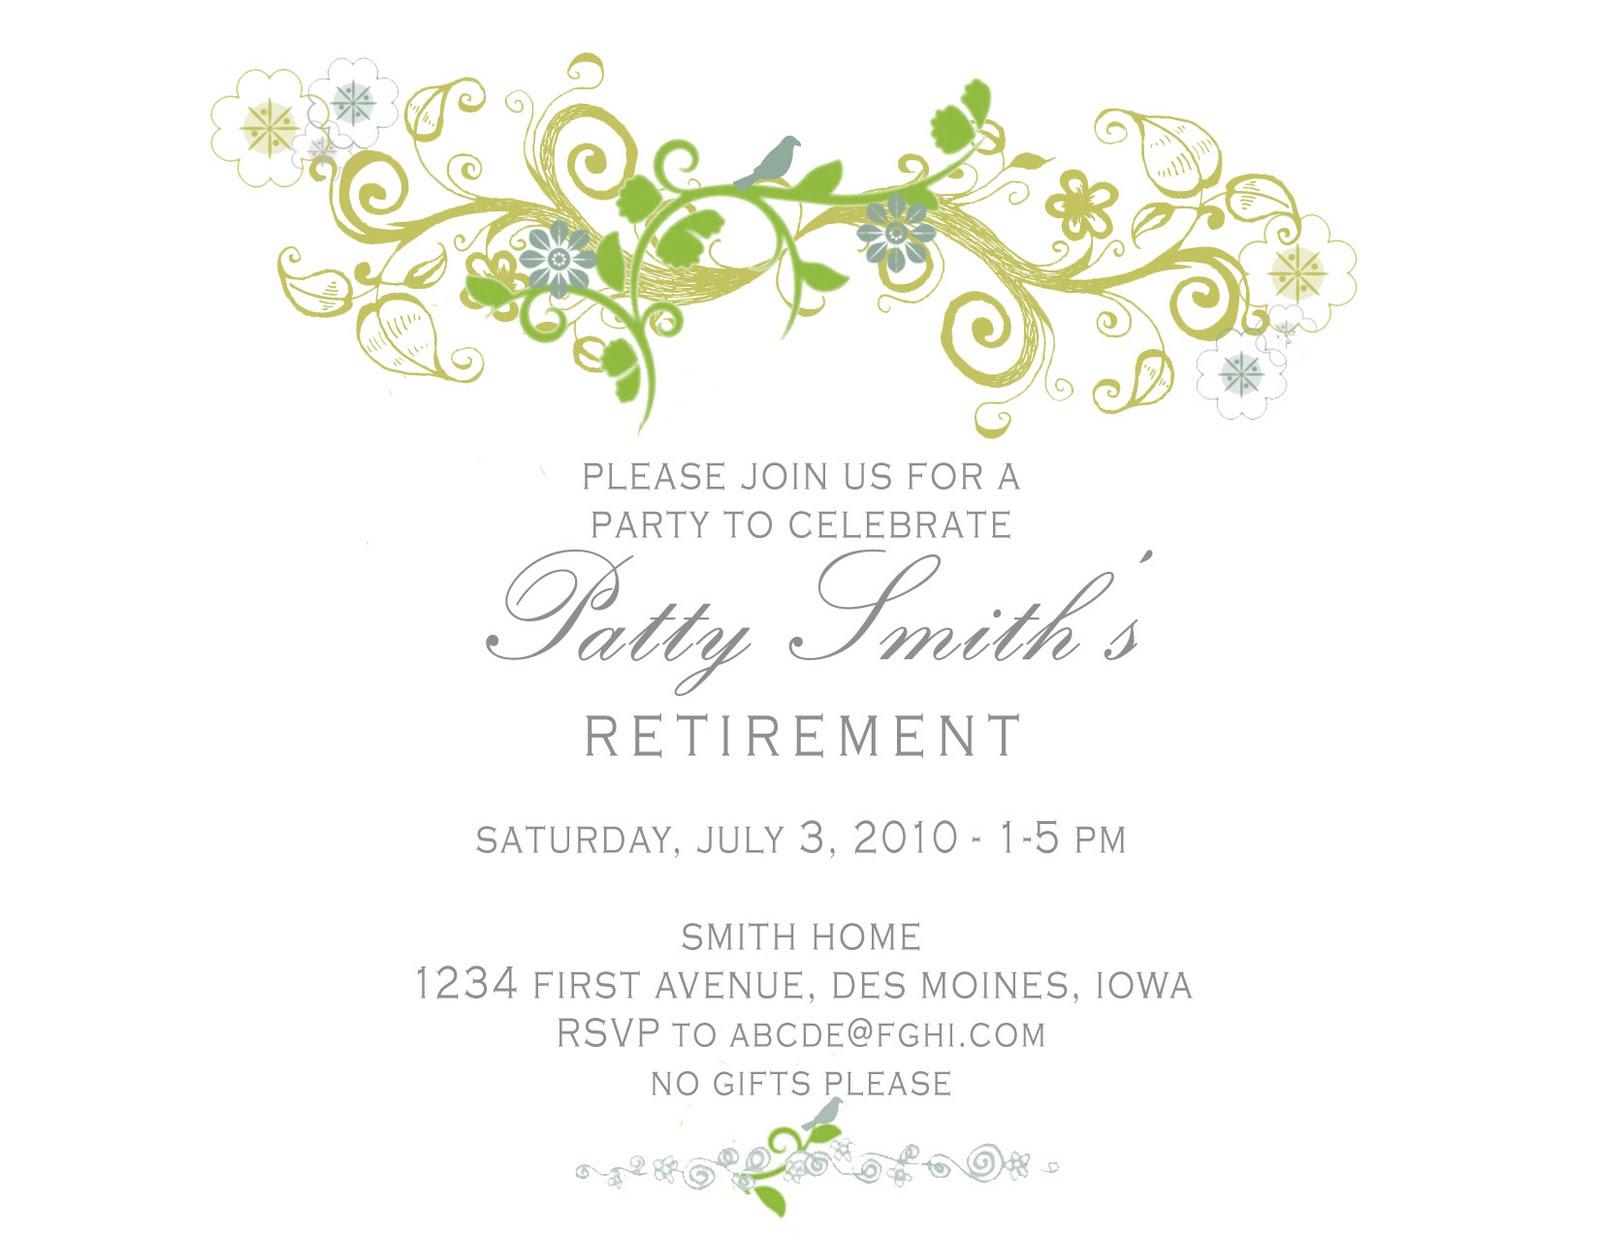 retirement invite template